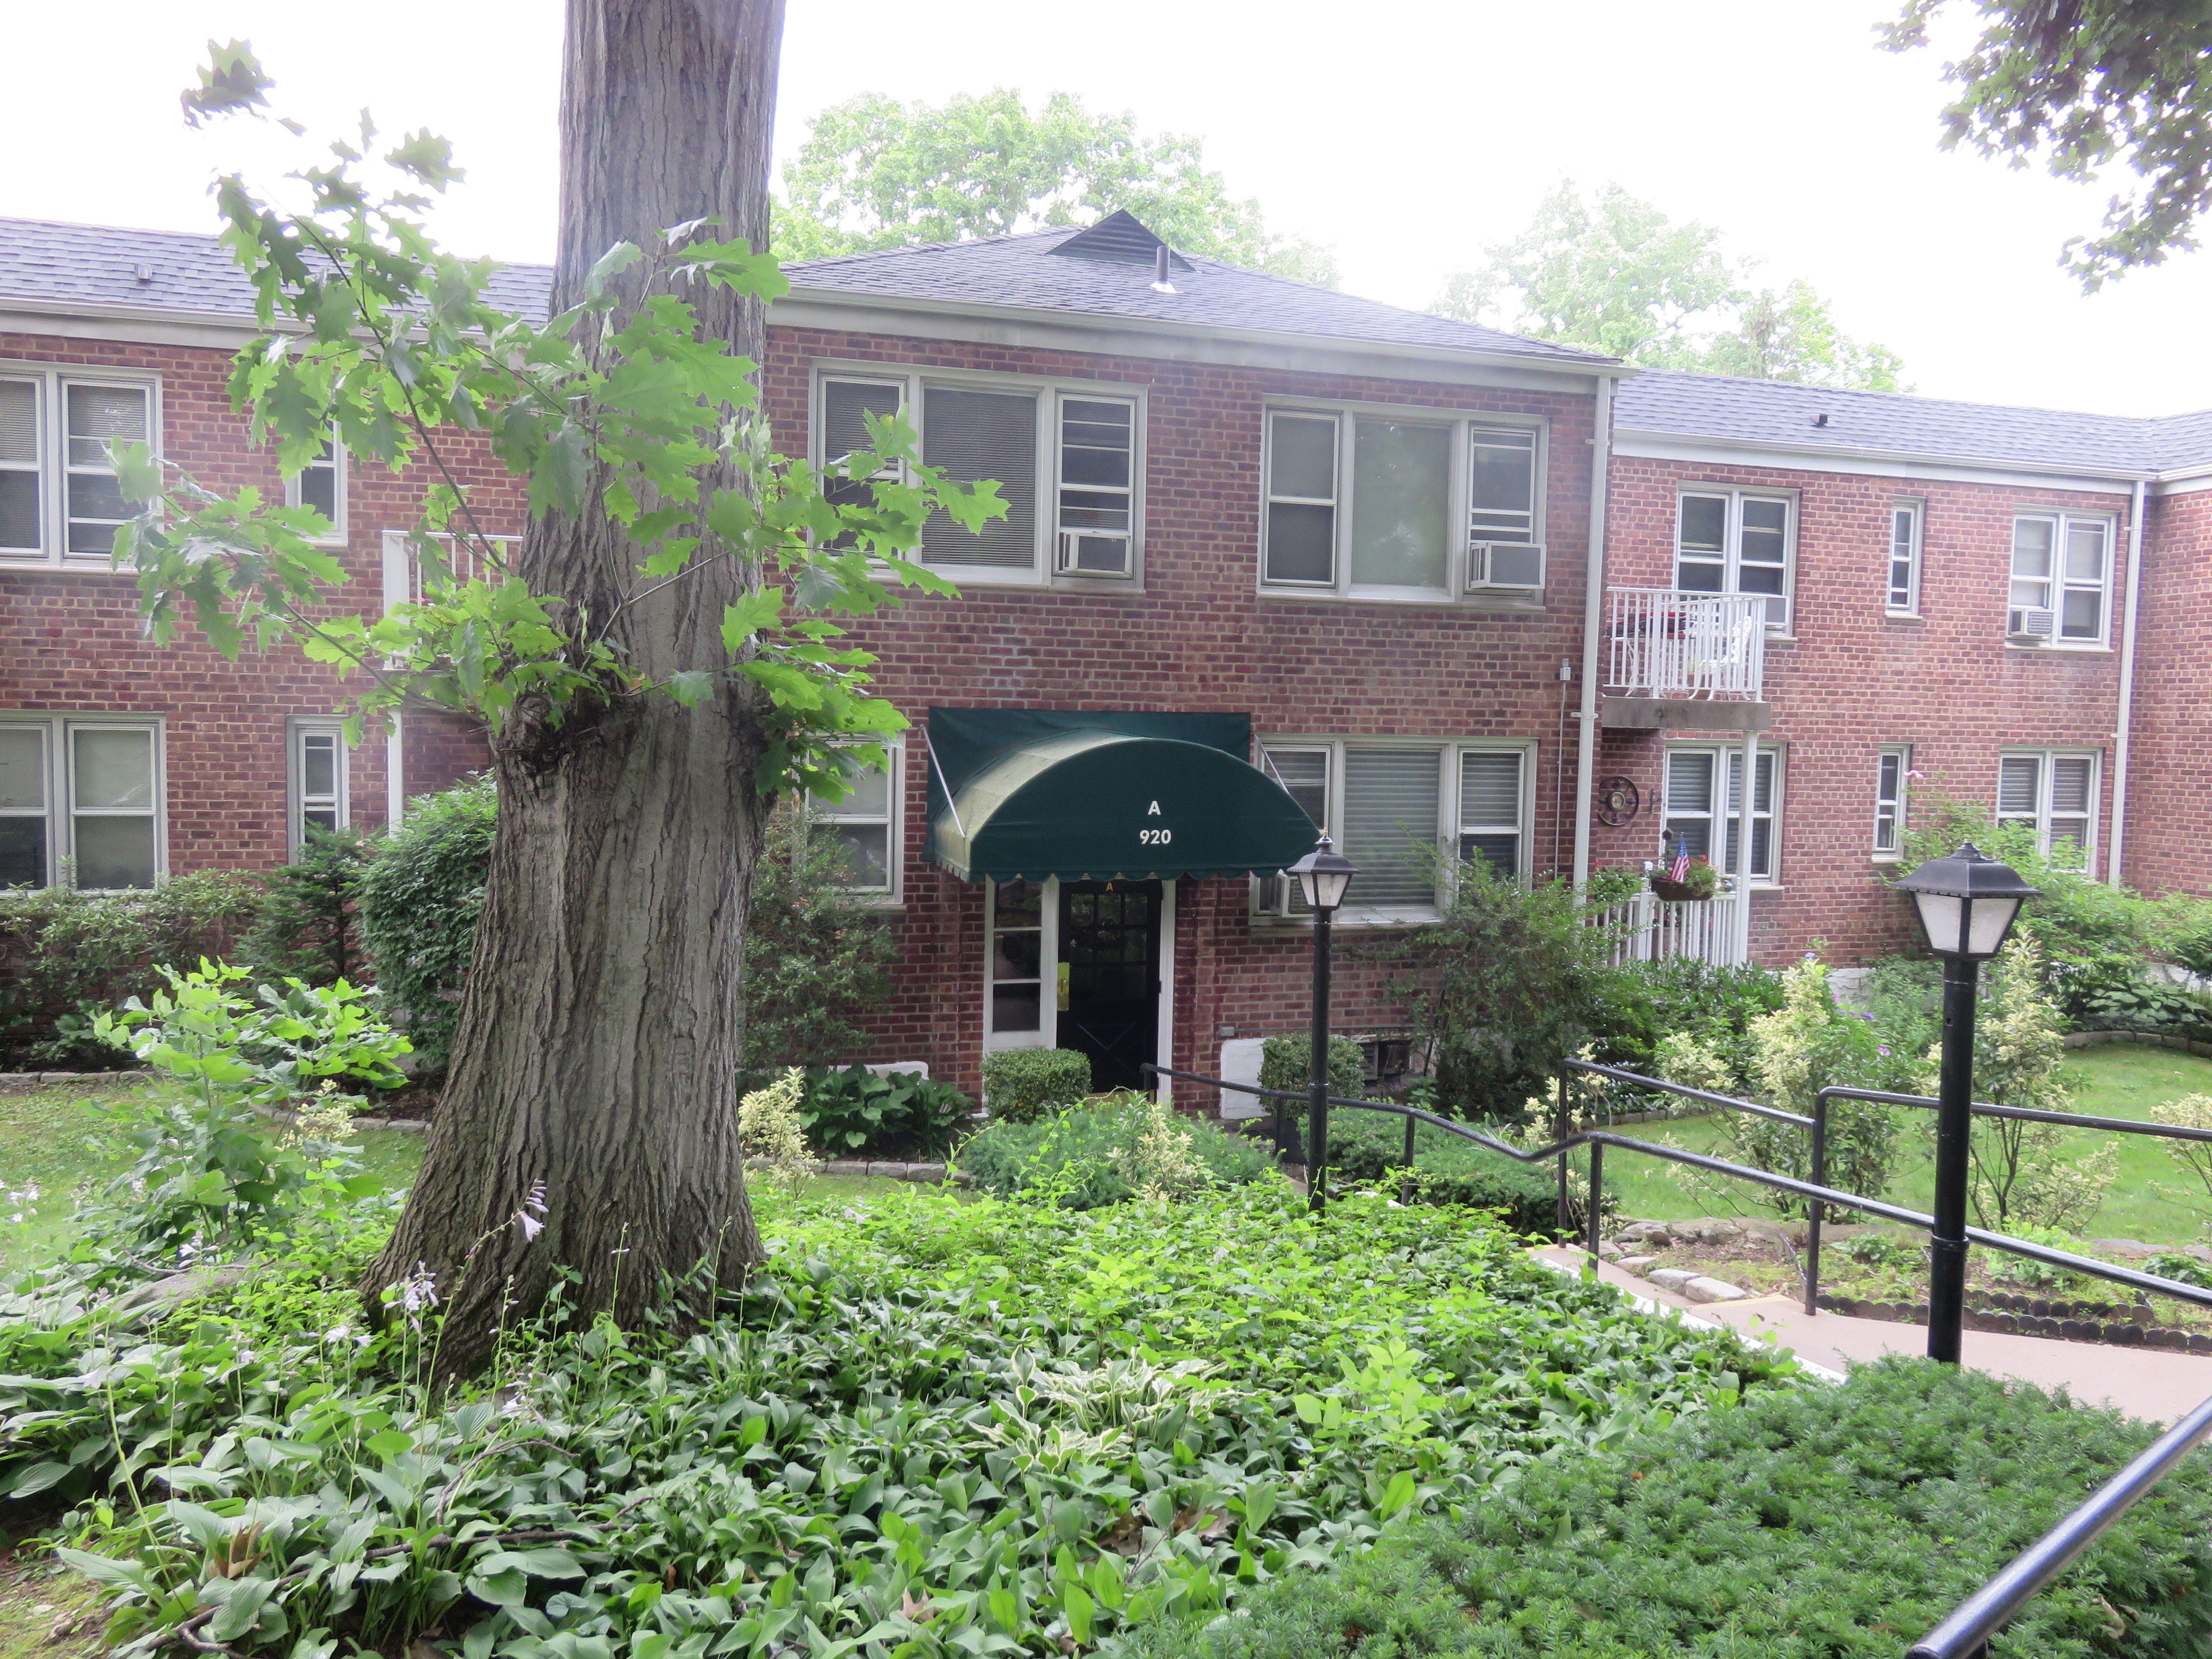 一戸建て のために 売買 アット WELL MAINTAINED 2 BEDROOM COOPERATIVE 920 Pelhamdale Avenue A2G Pelham, ニューヨーク 10803 アメリカ合衆国